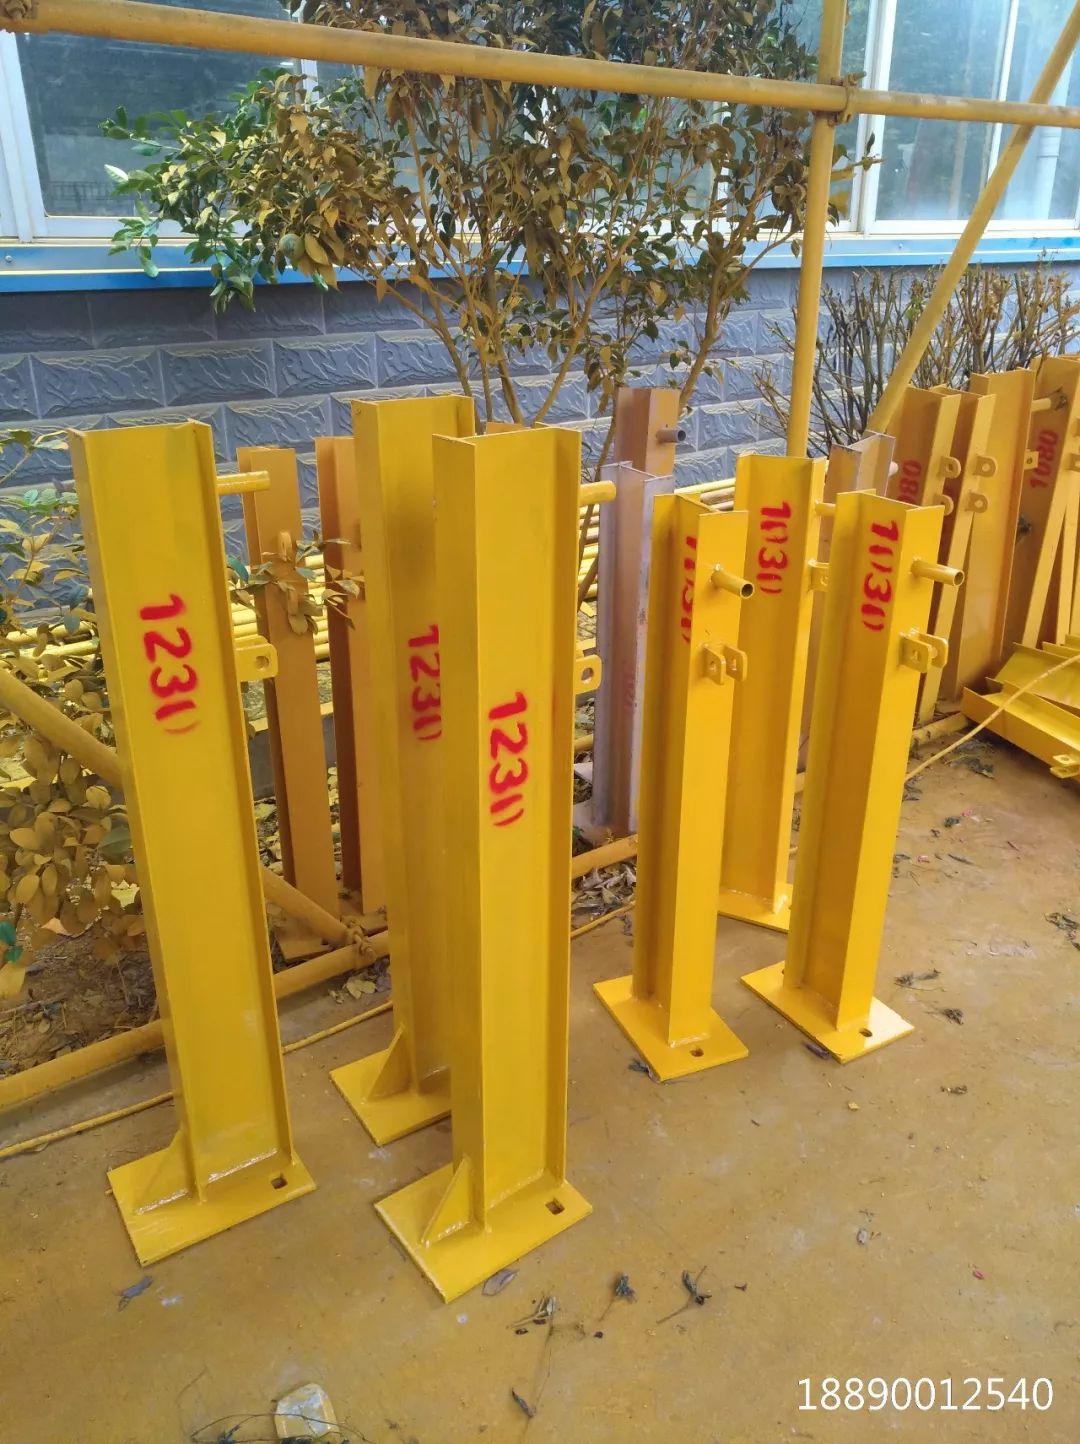 一种新型悬挑架的安装搭设装置_18